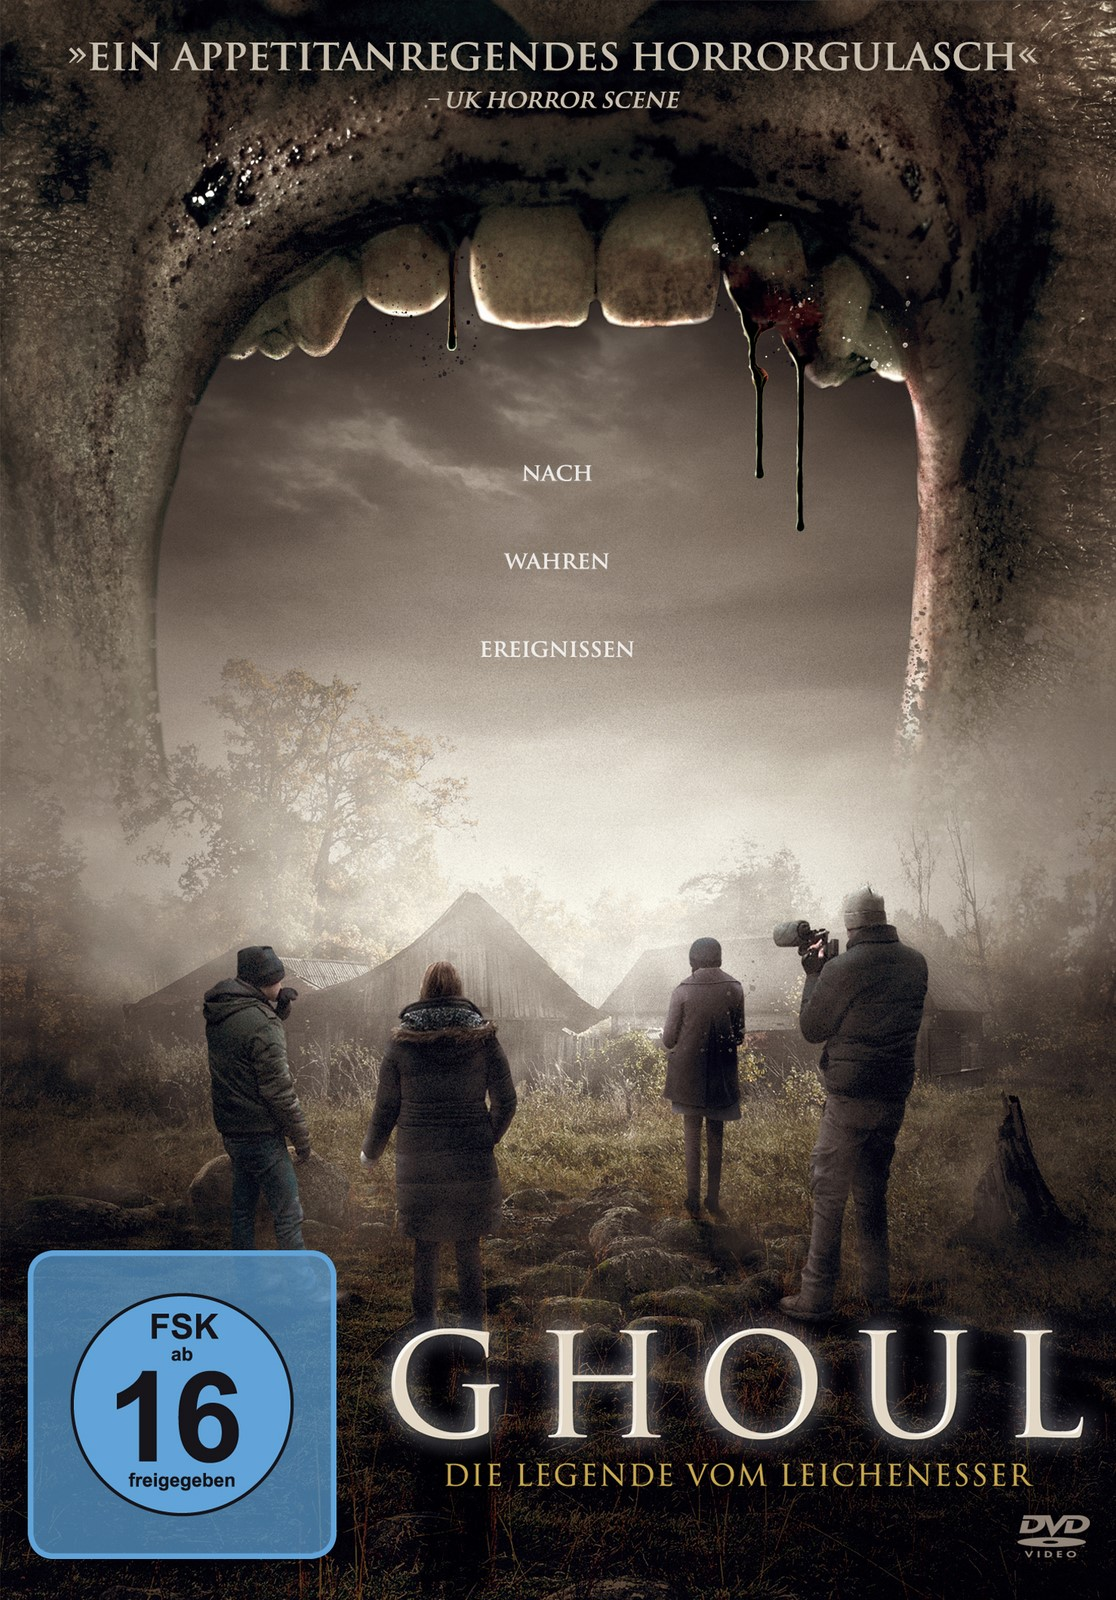 Ghoul Die Legende Vom Leichenesser